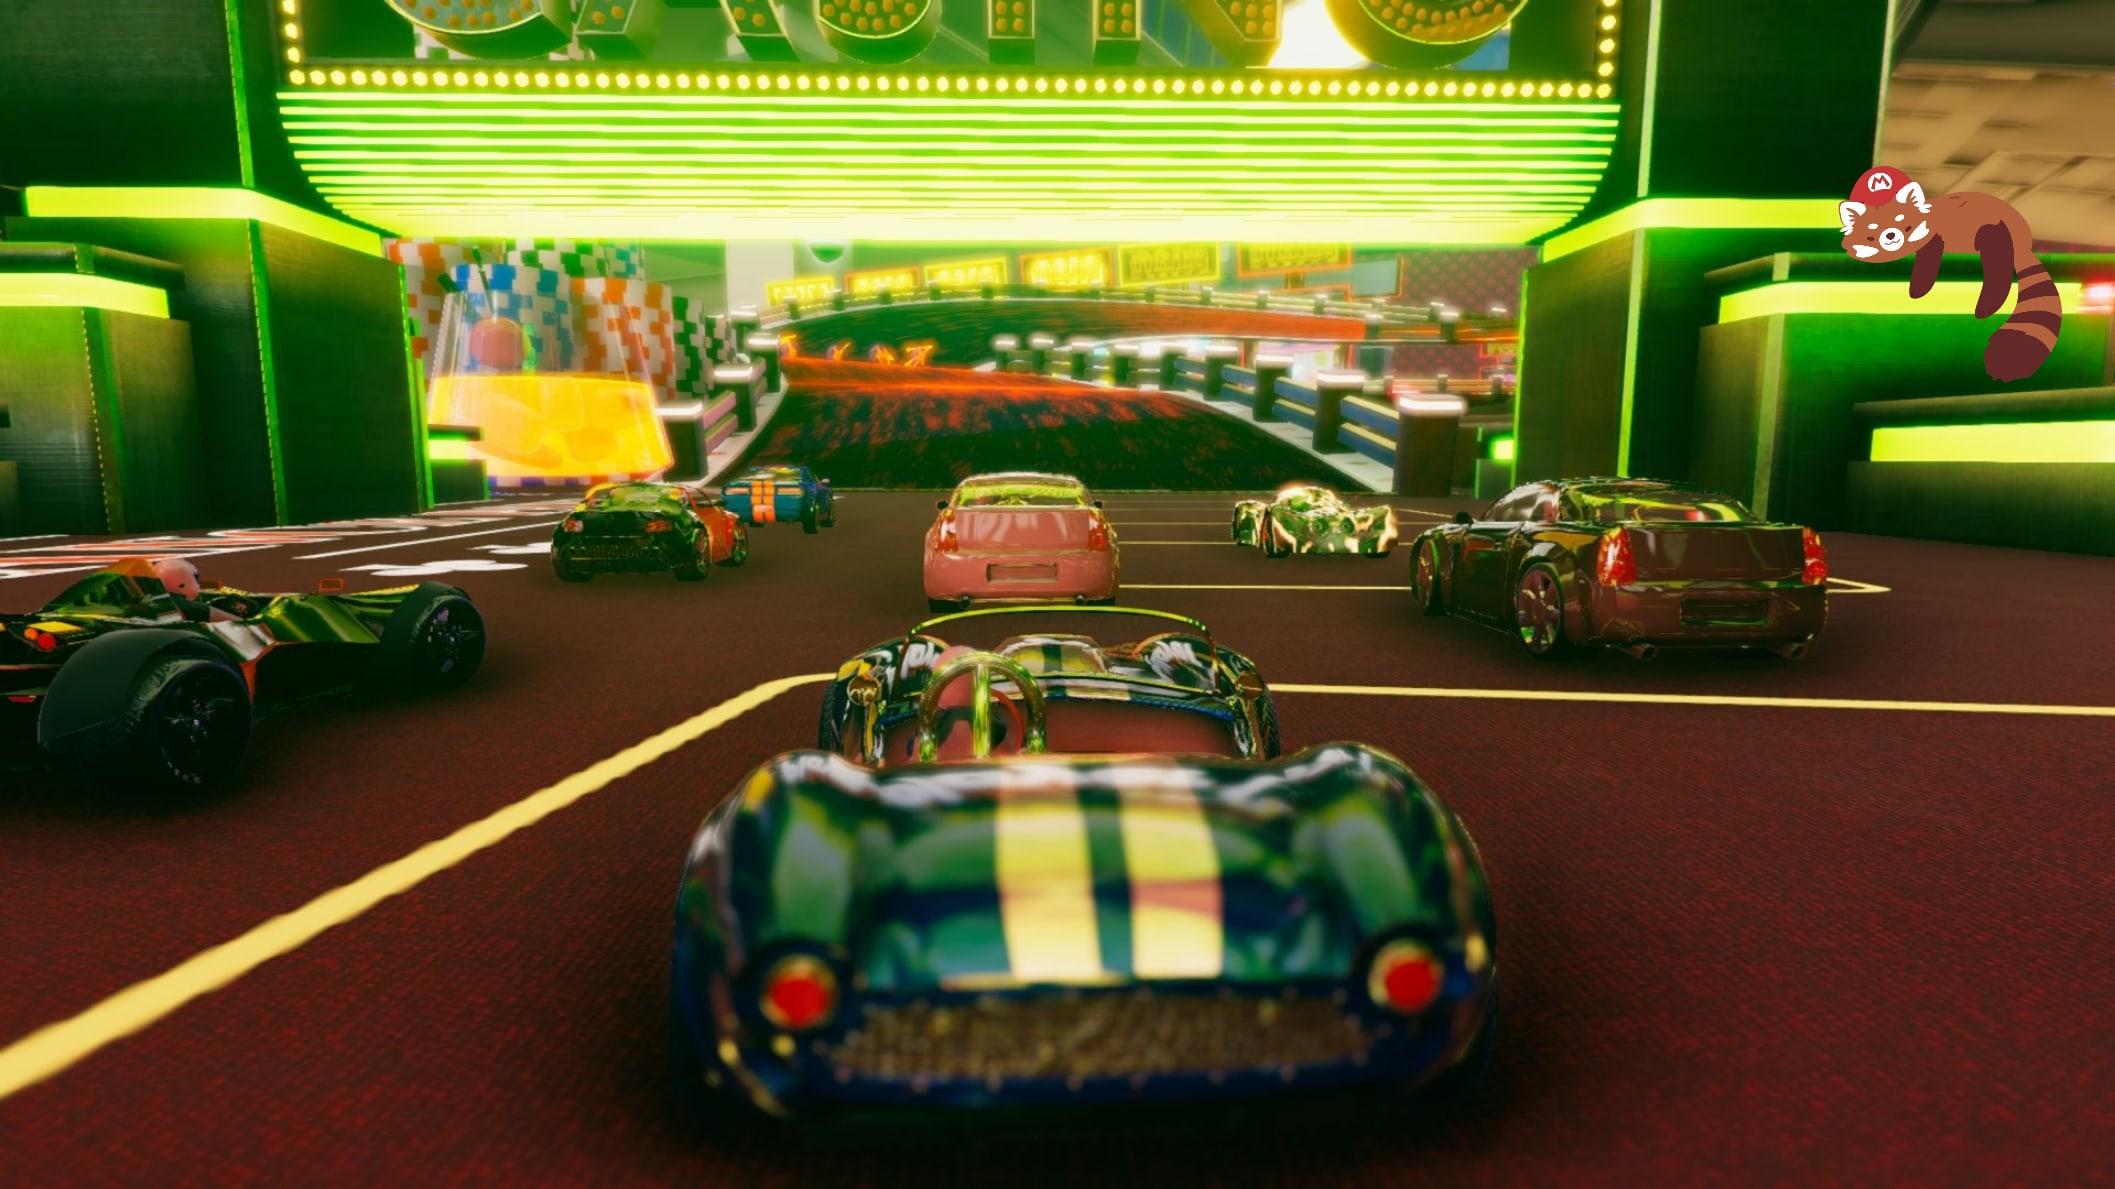 Видеообзор Super Toy Cars 2 для Nintendo Switch